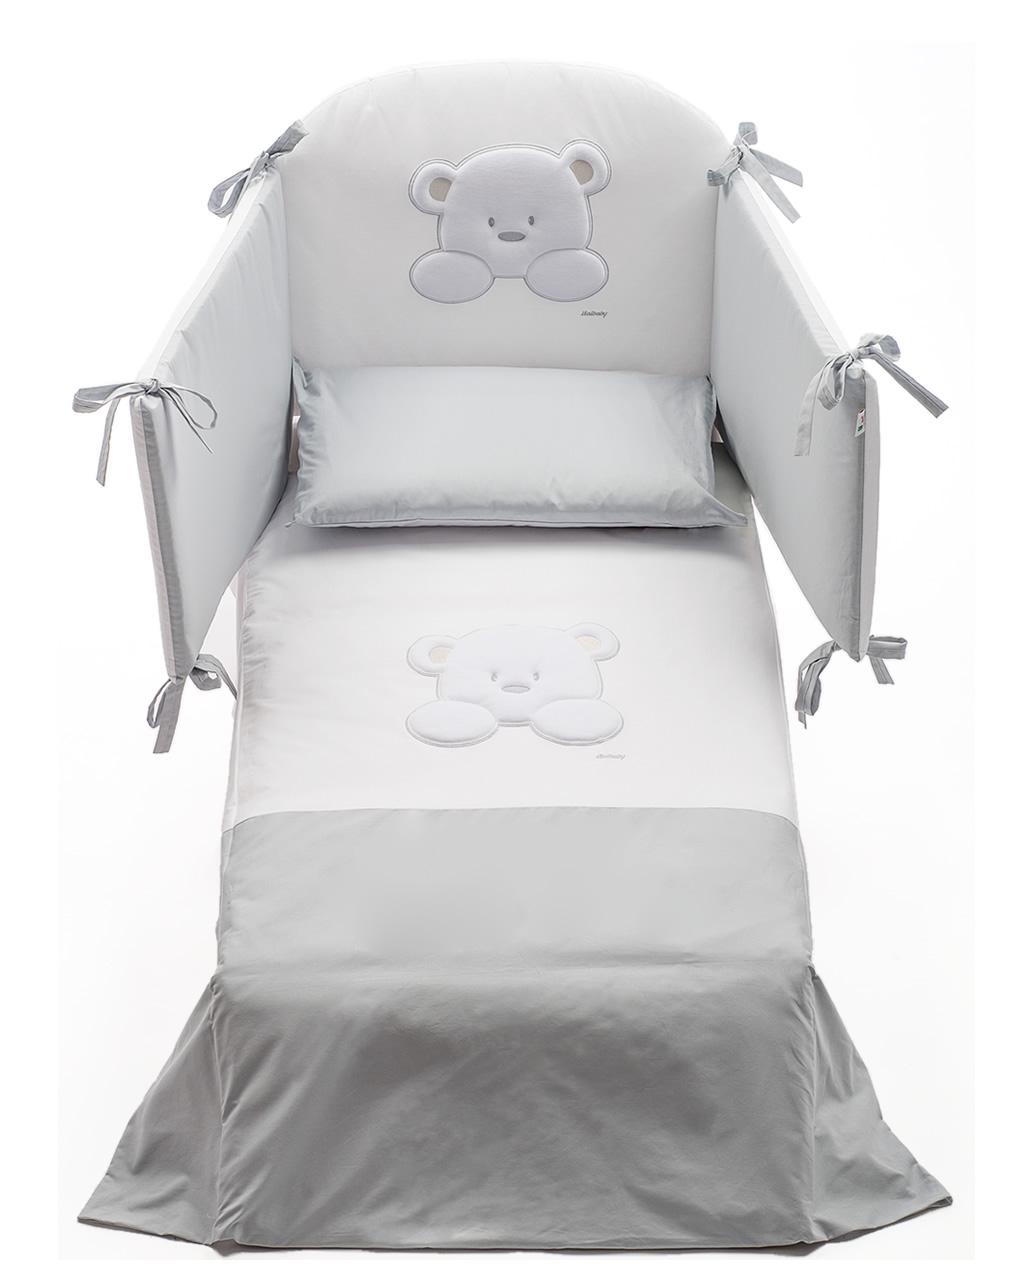 Set letto teddy 4 pezzi paracolpi-piumino-copripiumino-federa - italbaby